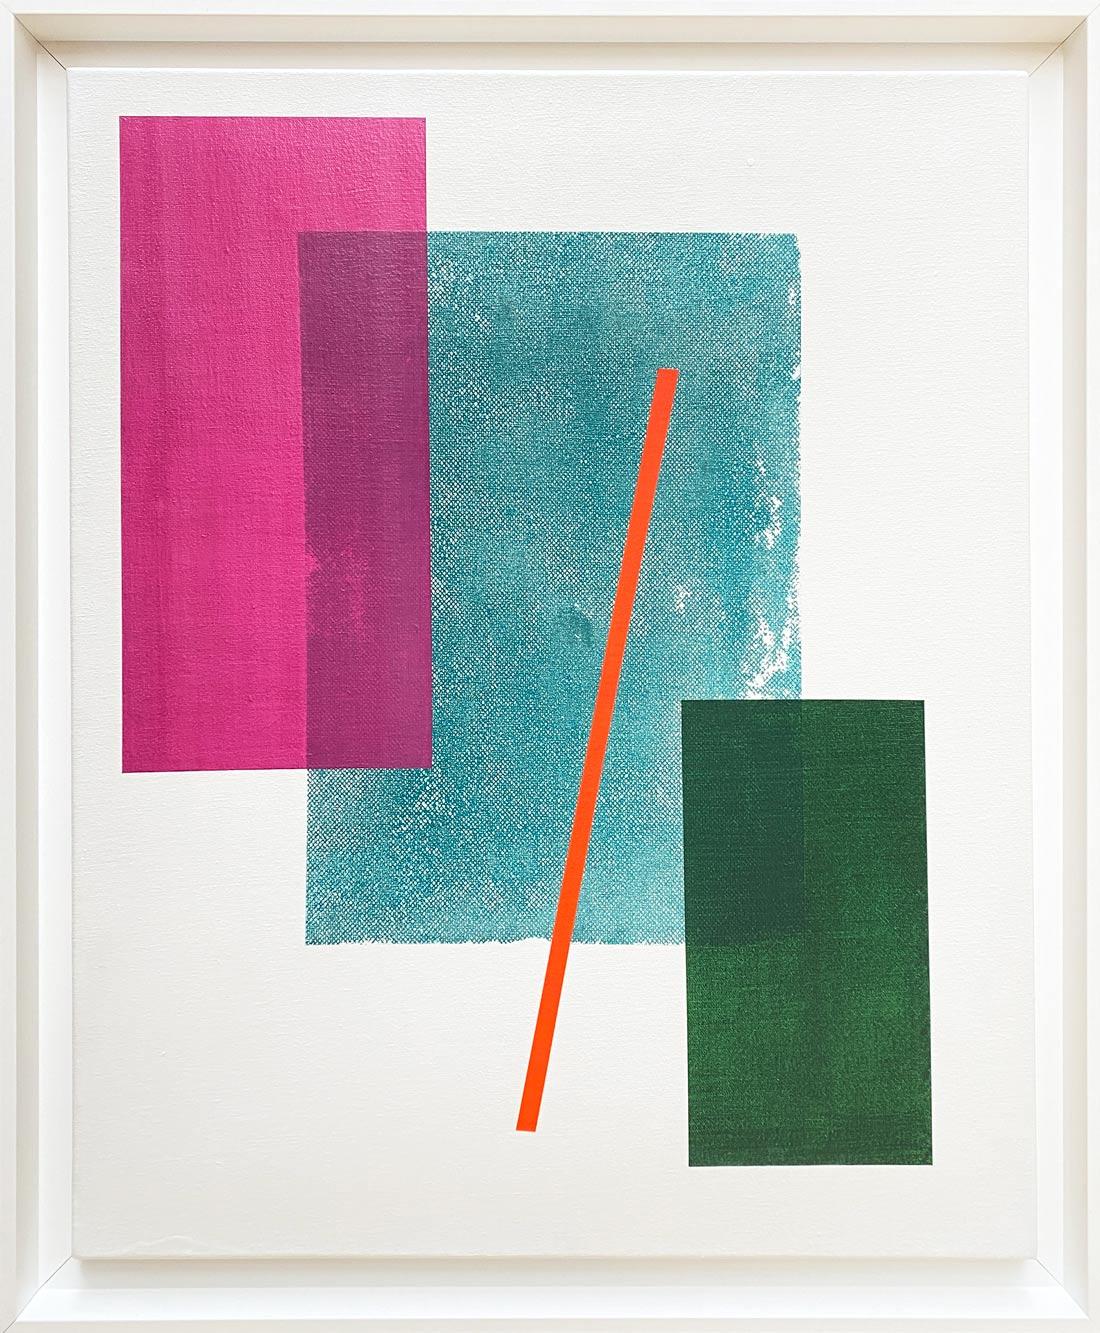 Sans-Titre-(toile-fond-blanc-carré-turquoise,-rose-et-vert)-carlos-stoffel-packshot